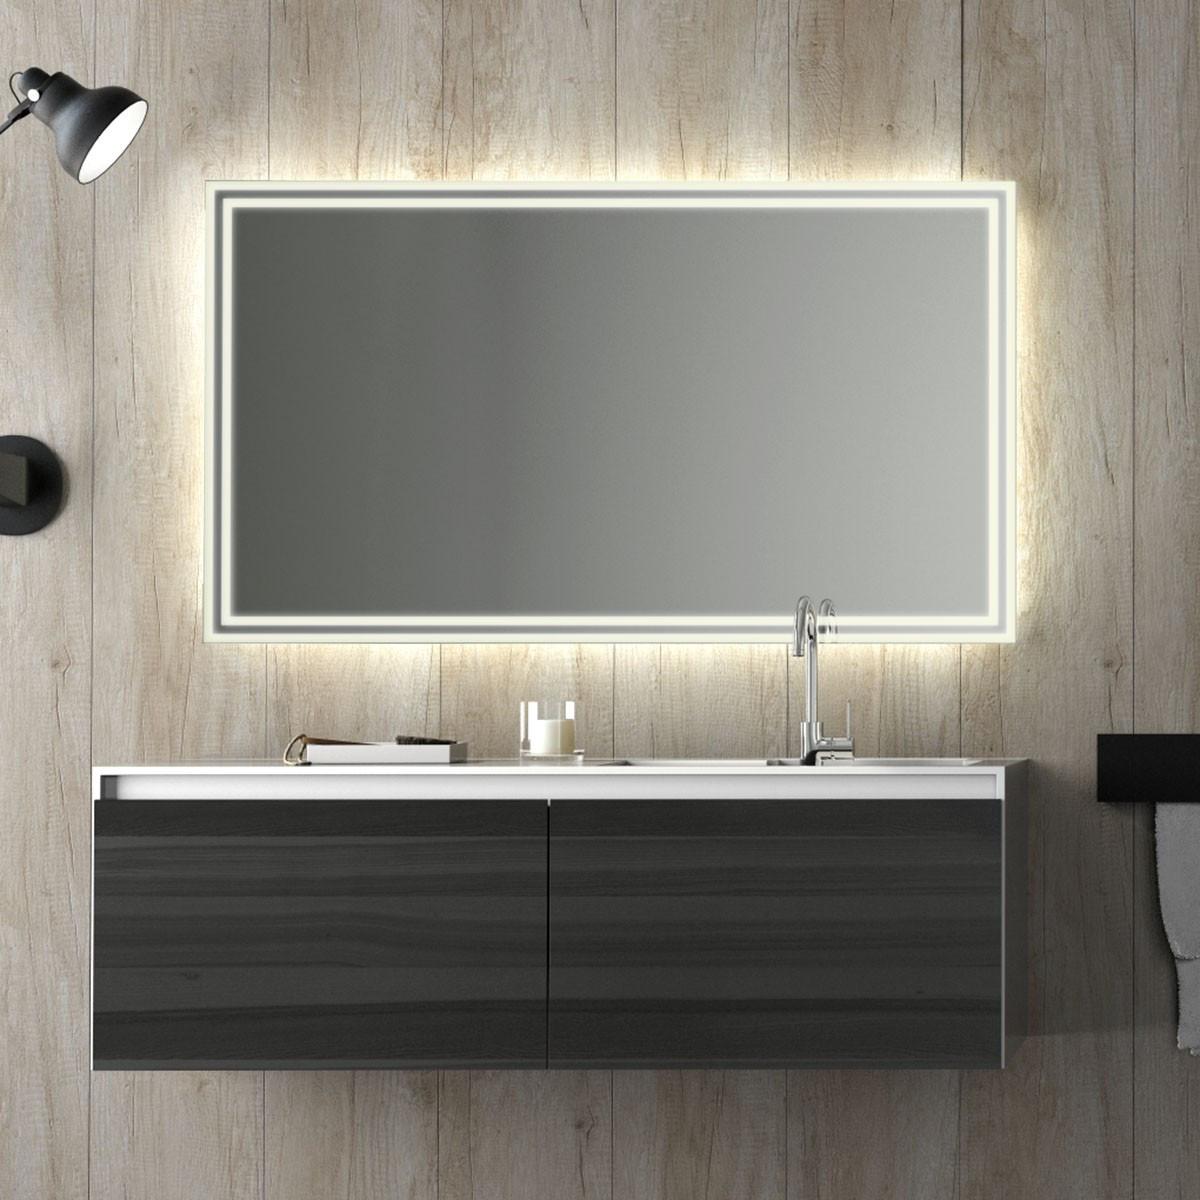 Spiegel Kaufen  Lichtspiegel kaufen Spiegel nach Maß